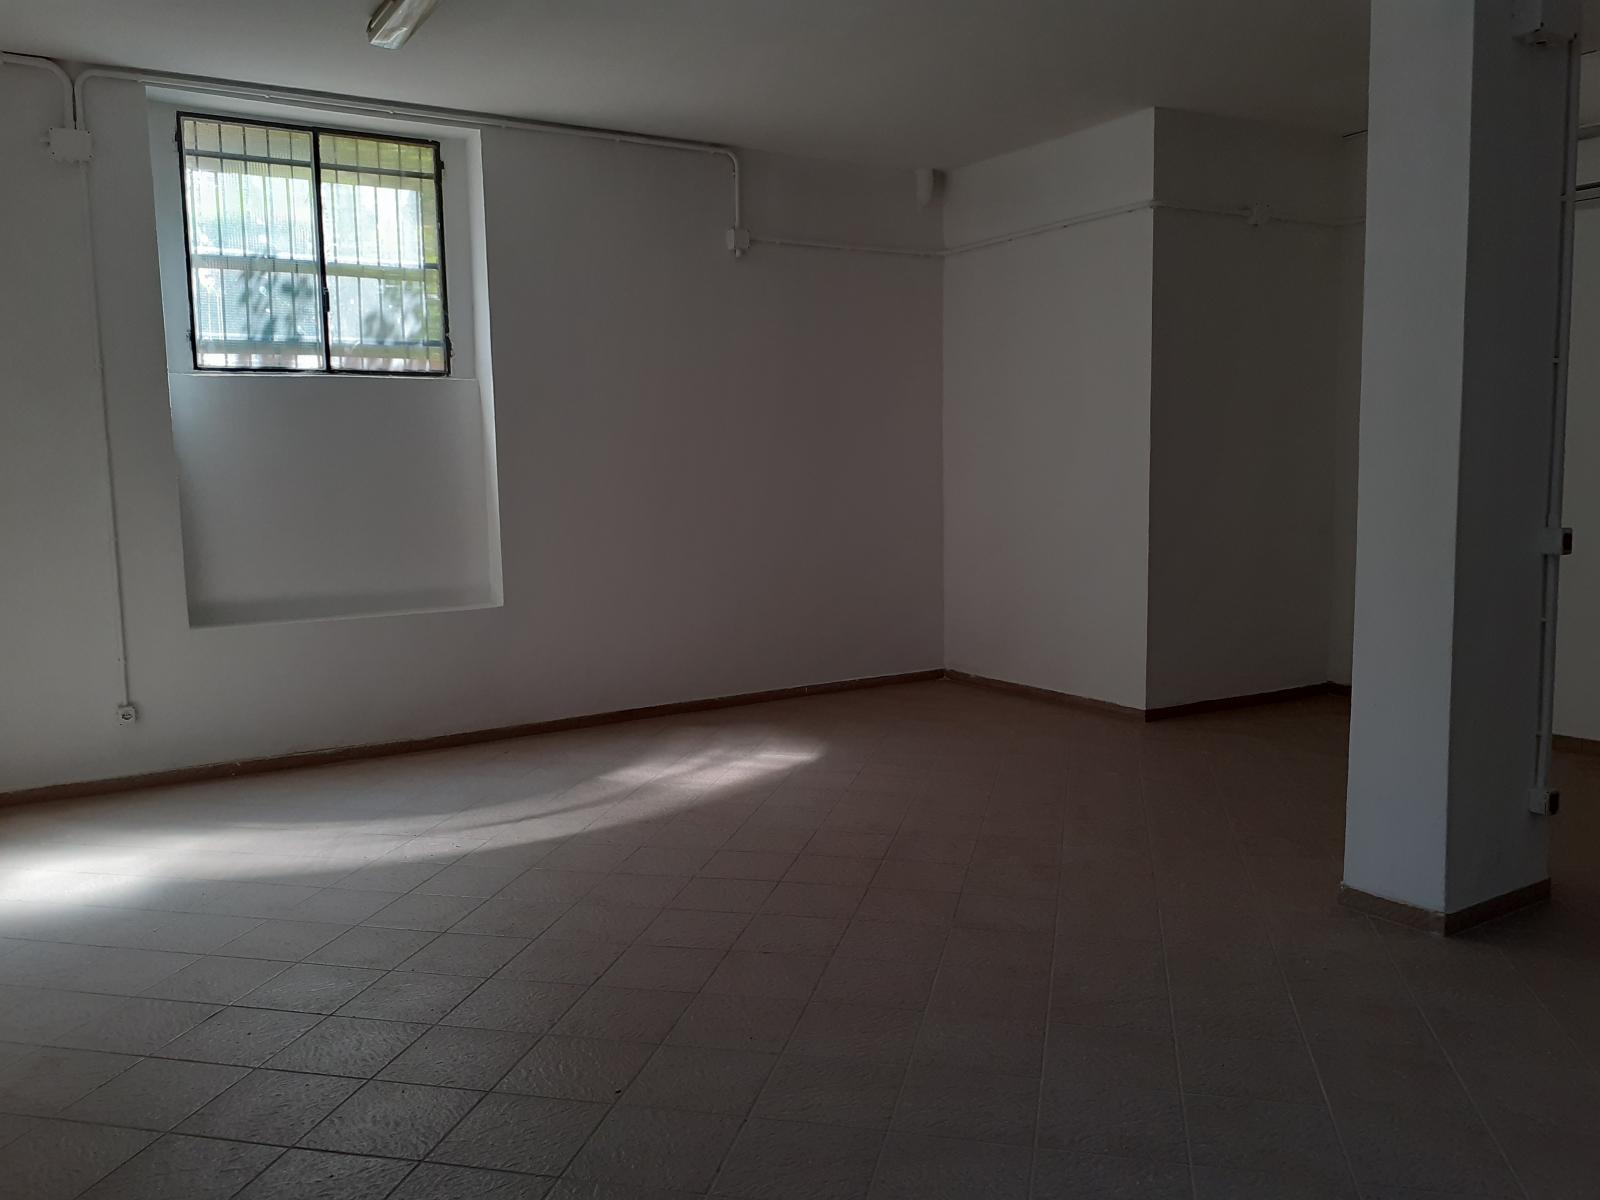 laboratorio-magazzino-in-vendita-affitto-a-baggio-milano-spaziourbano-immobiliare-vende-affitta-13